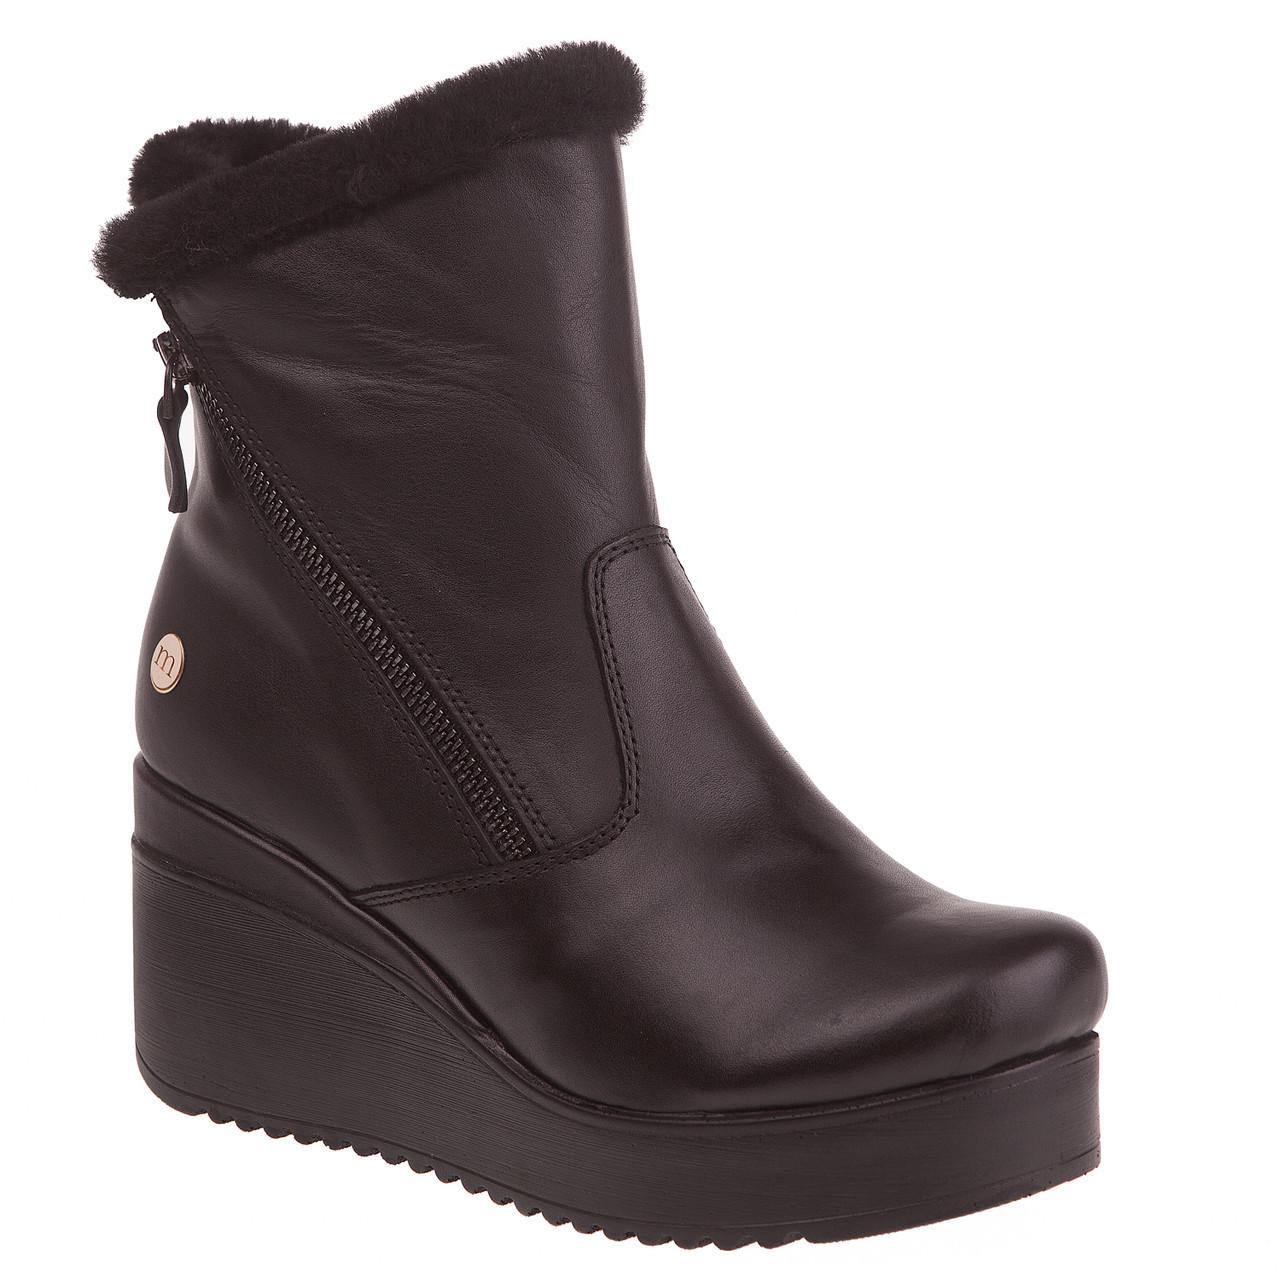 f52a8e11d Ботинки женские Mamma Mia (черные, на танкетке, модные, удобные, туфли) 36,  цена 1 795 грн., купить Червоноград — Prom.ua (ID#814784242)